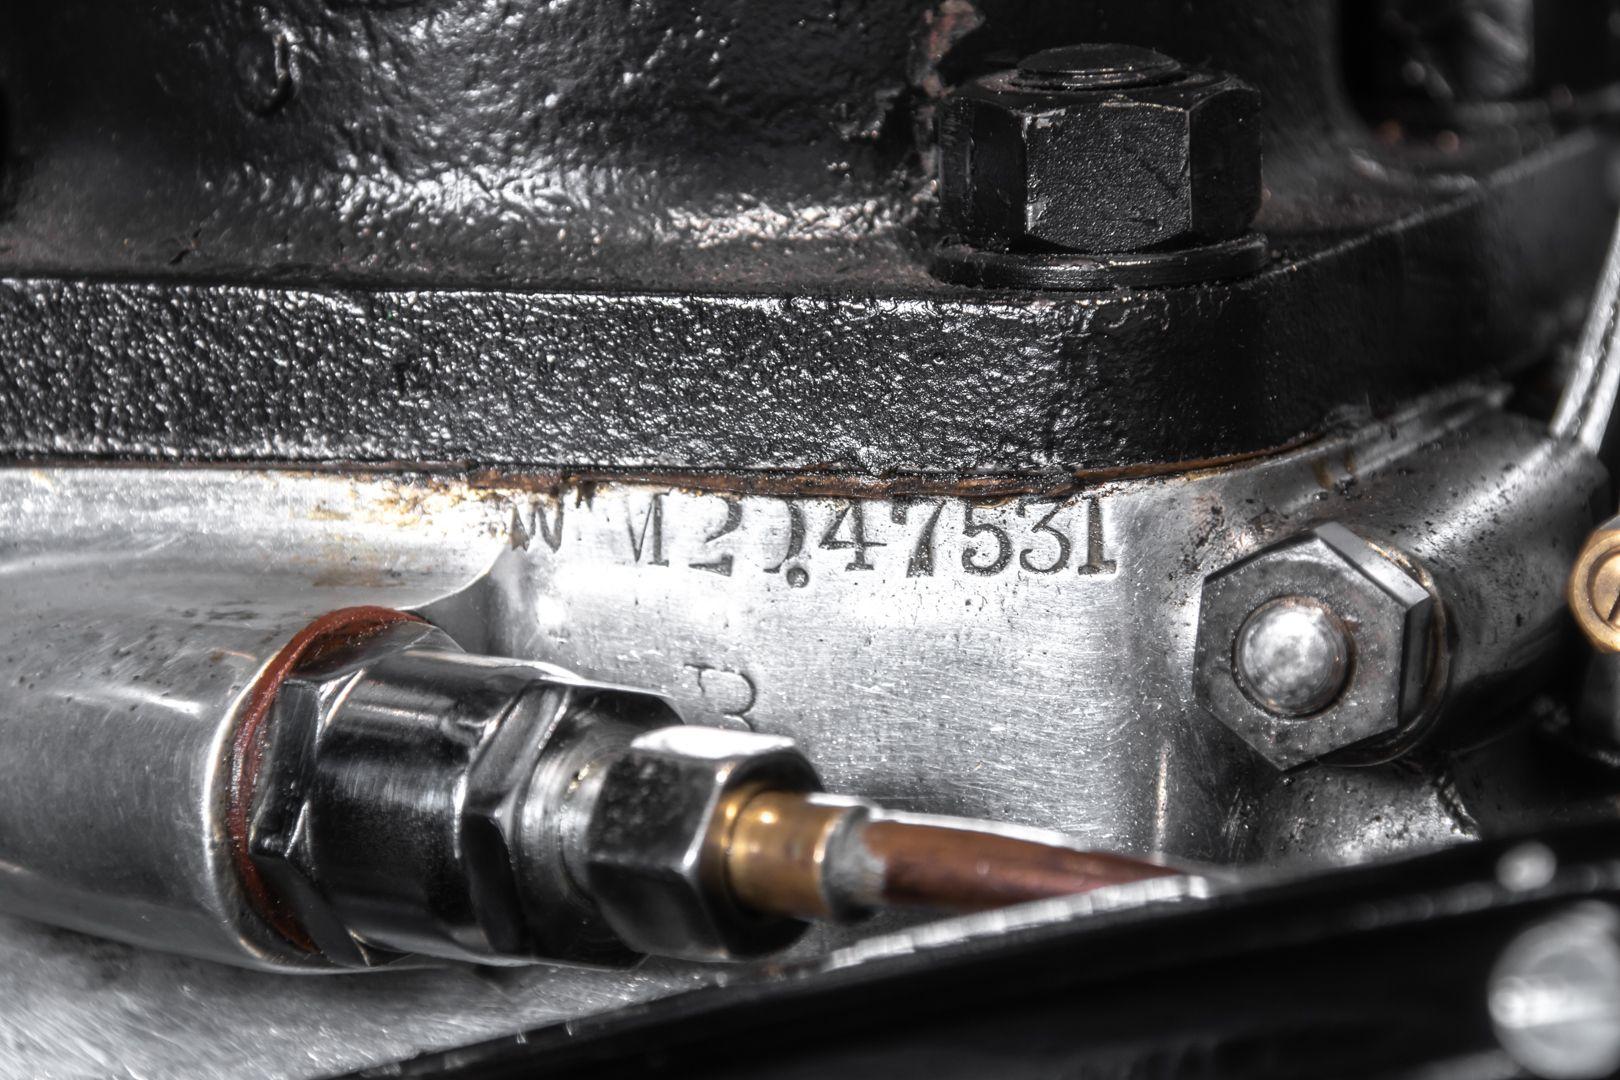 1942 BSA WM20 78231